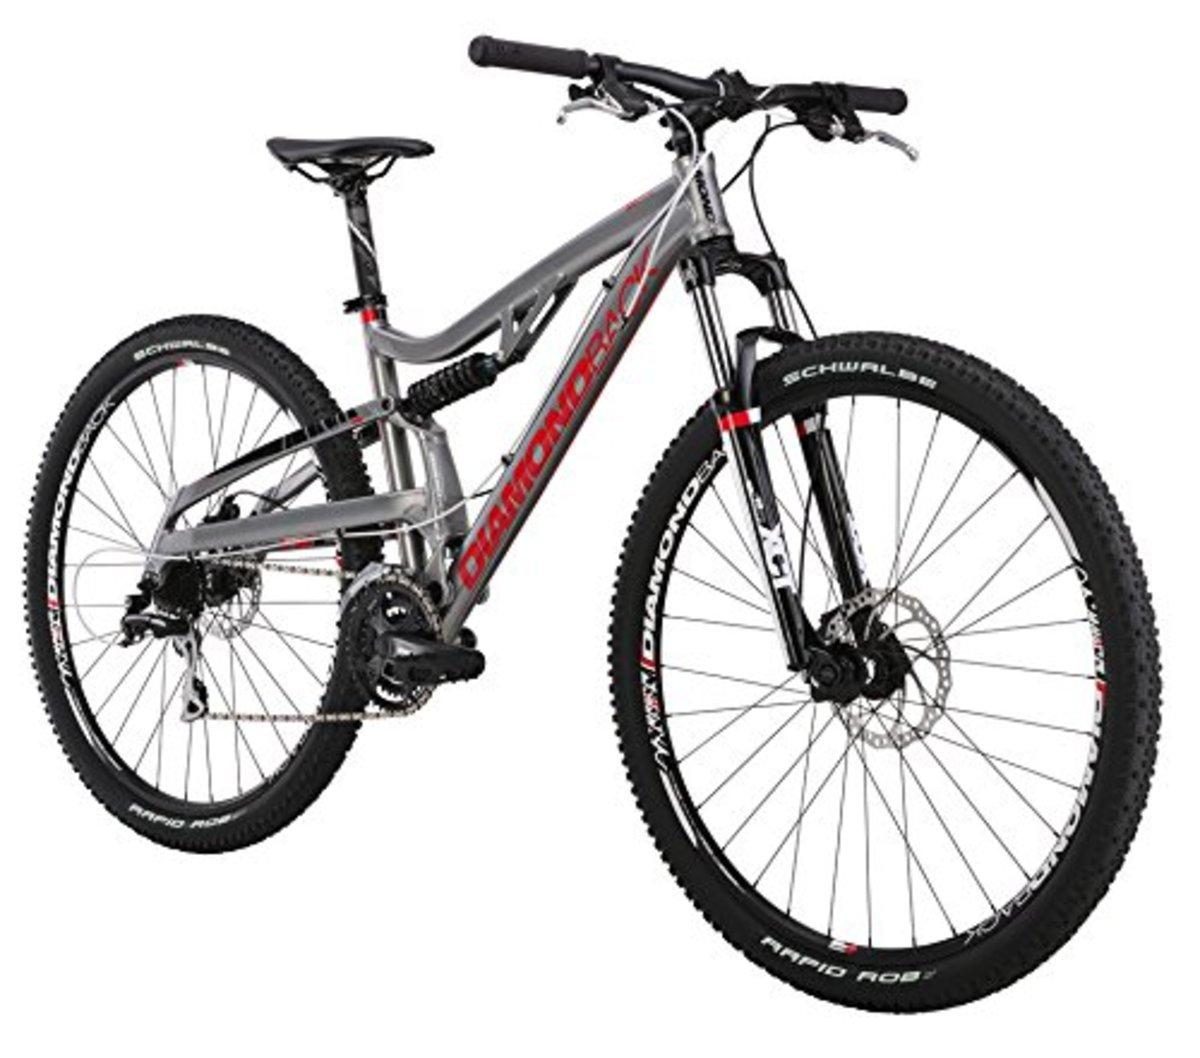 Diamondback 2015 Recoil Comp full suspension mountain bike.